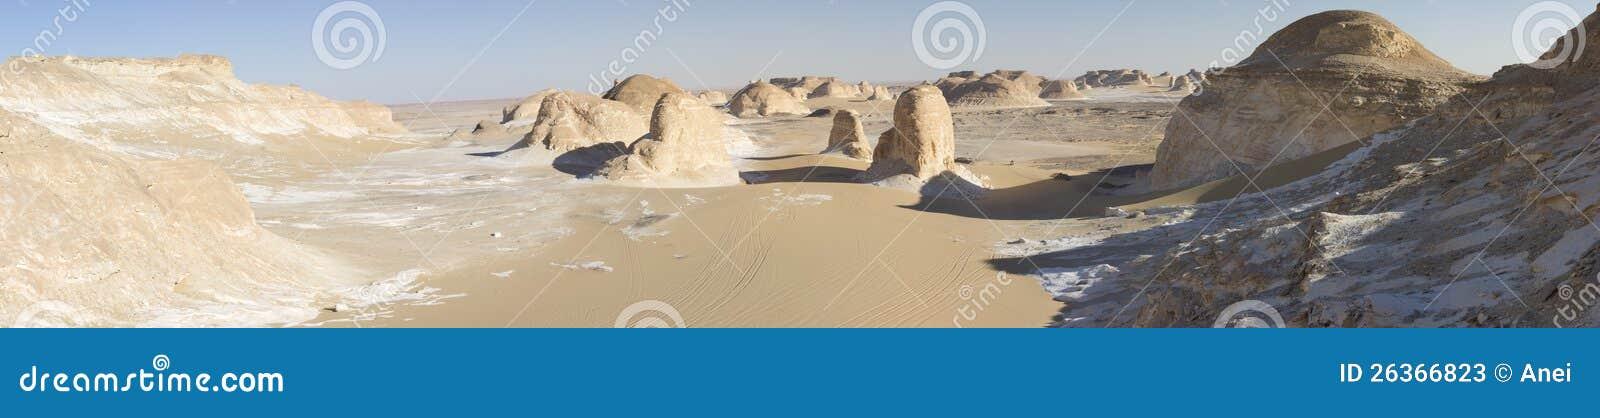 Weiße Wüstenberge